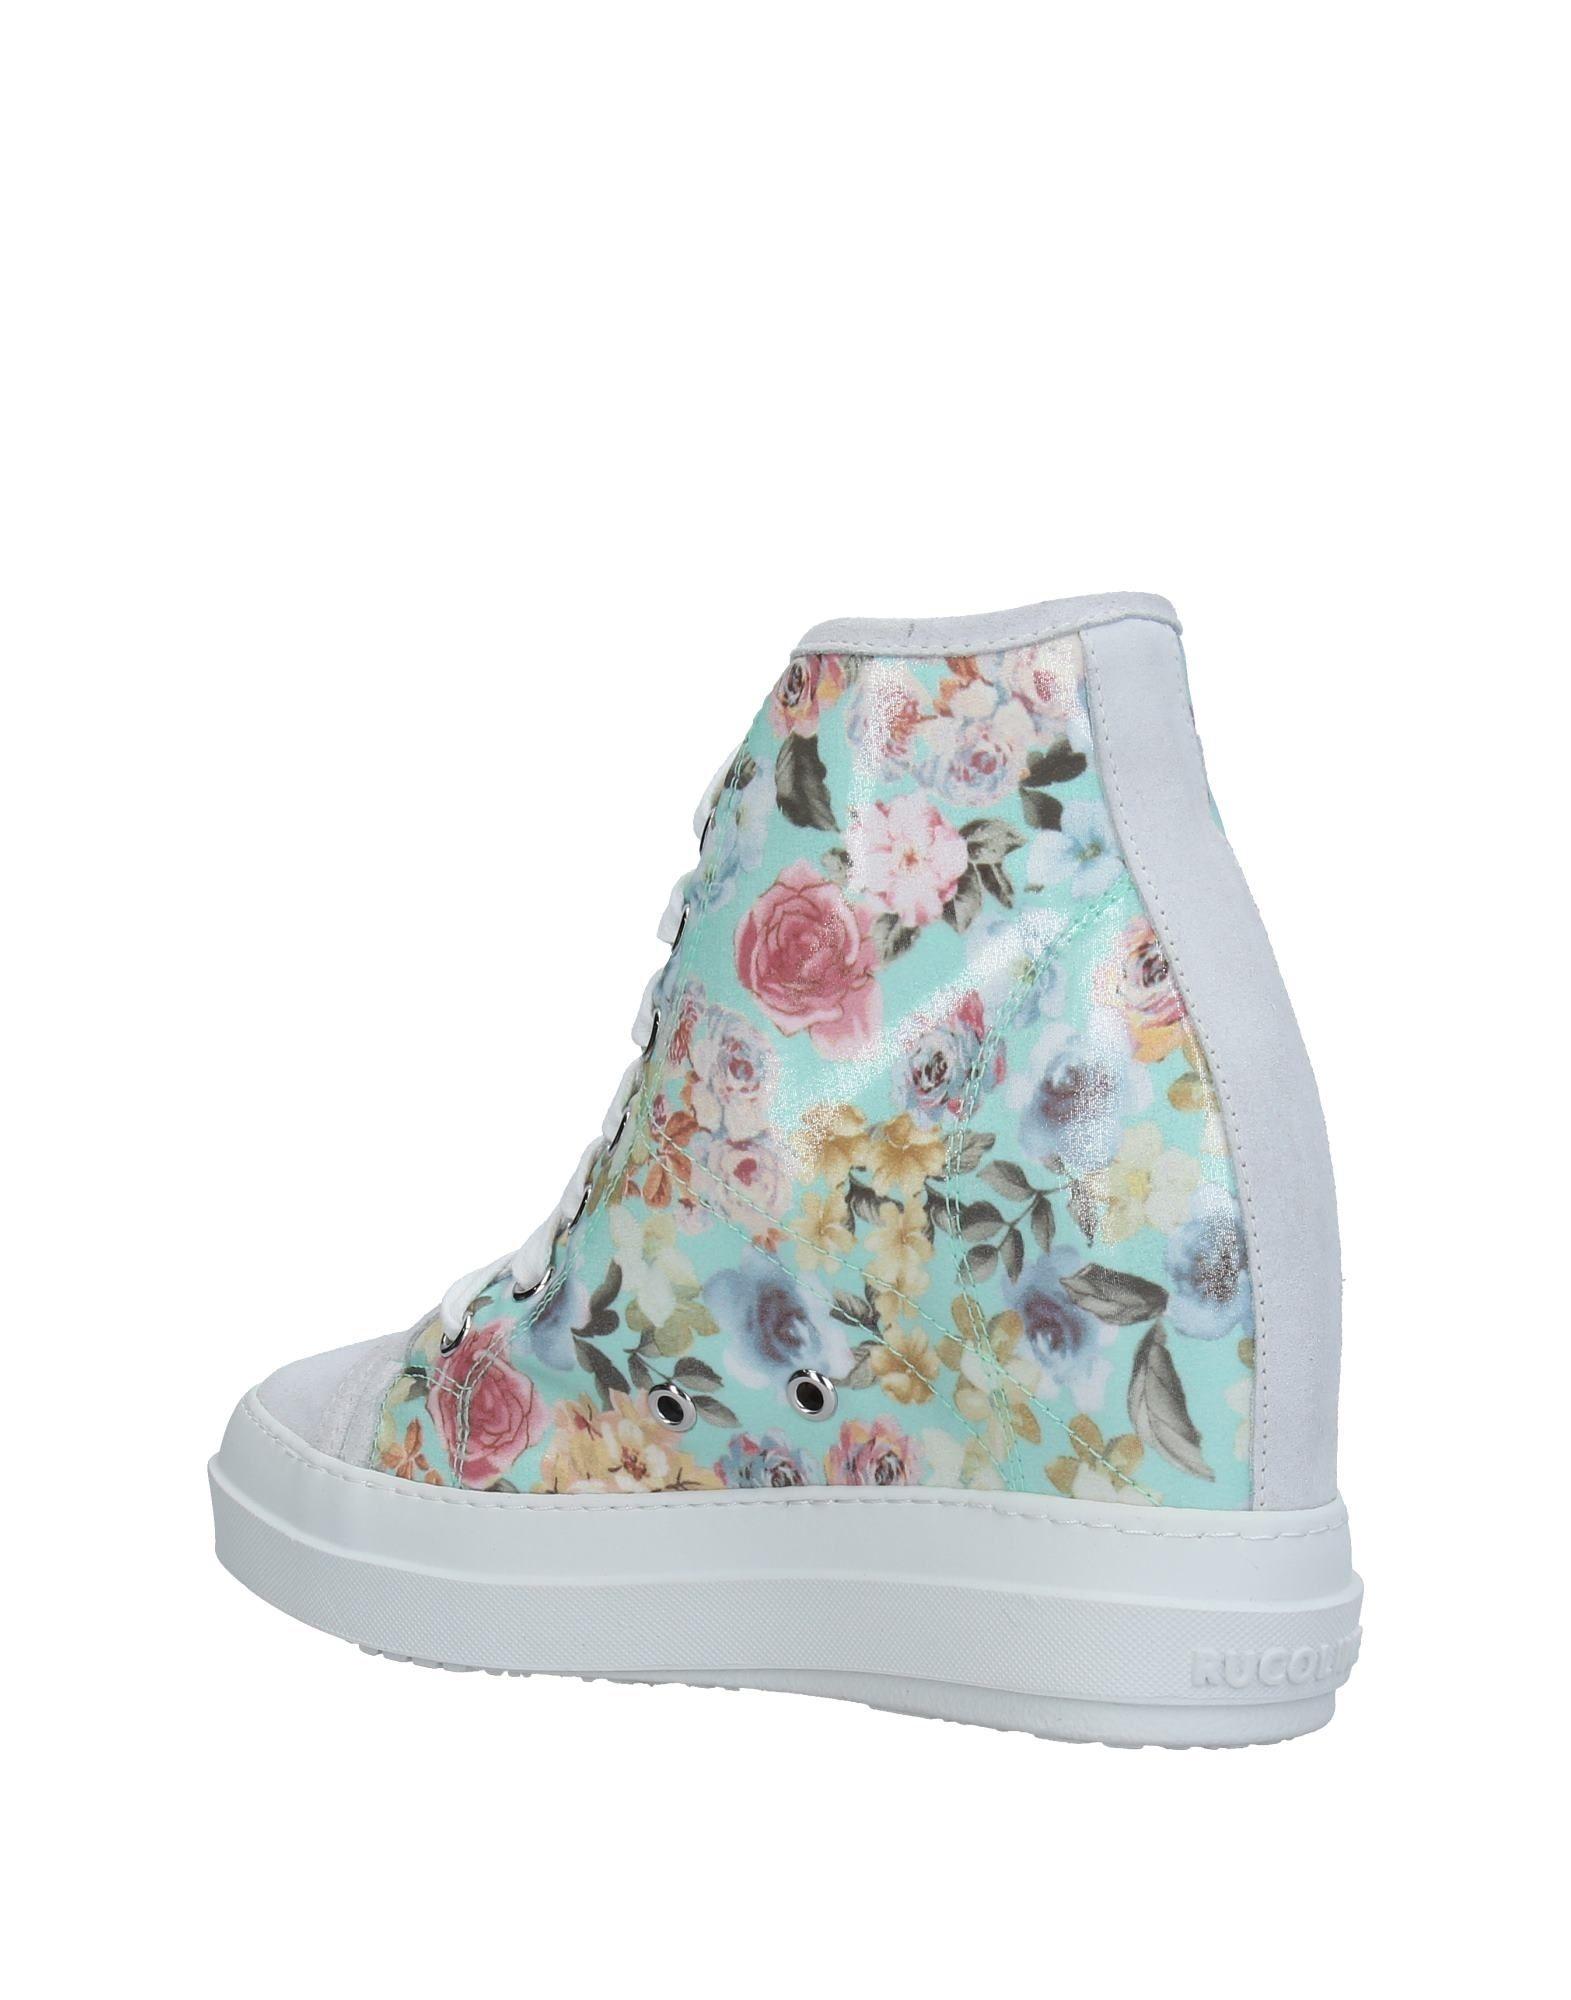 Ruco Line Sneakers Damen beliebte  11333685NC Gute Qualität beliebte Damen Schuhe 510d4f